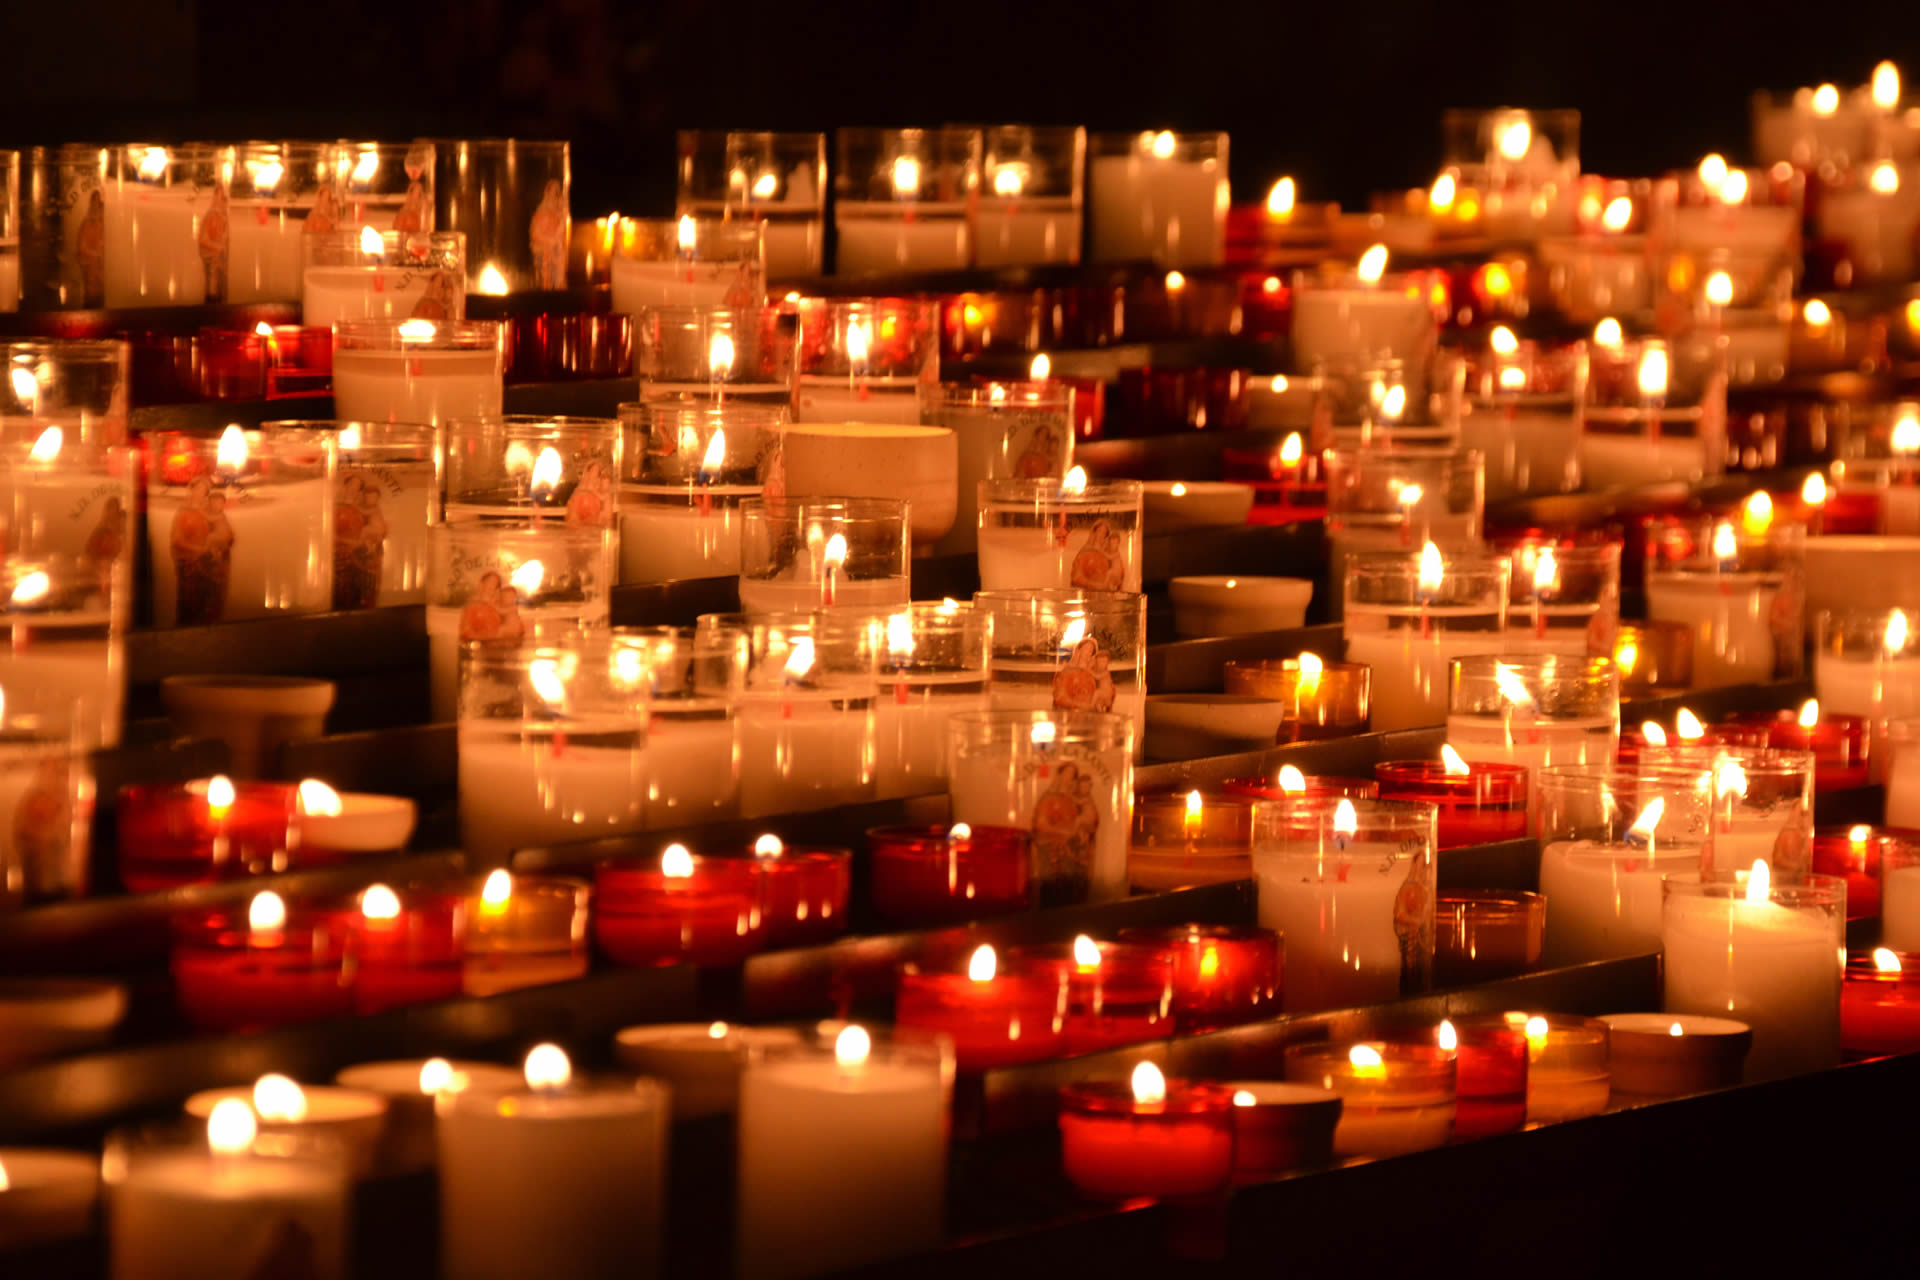 Candles by Irina Anastasiu